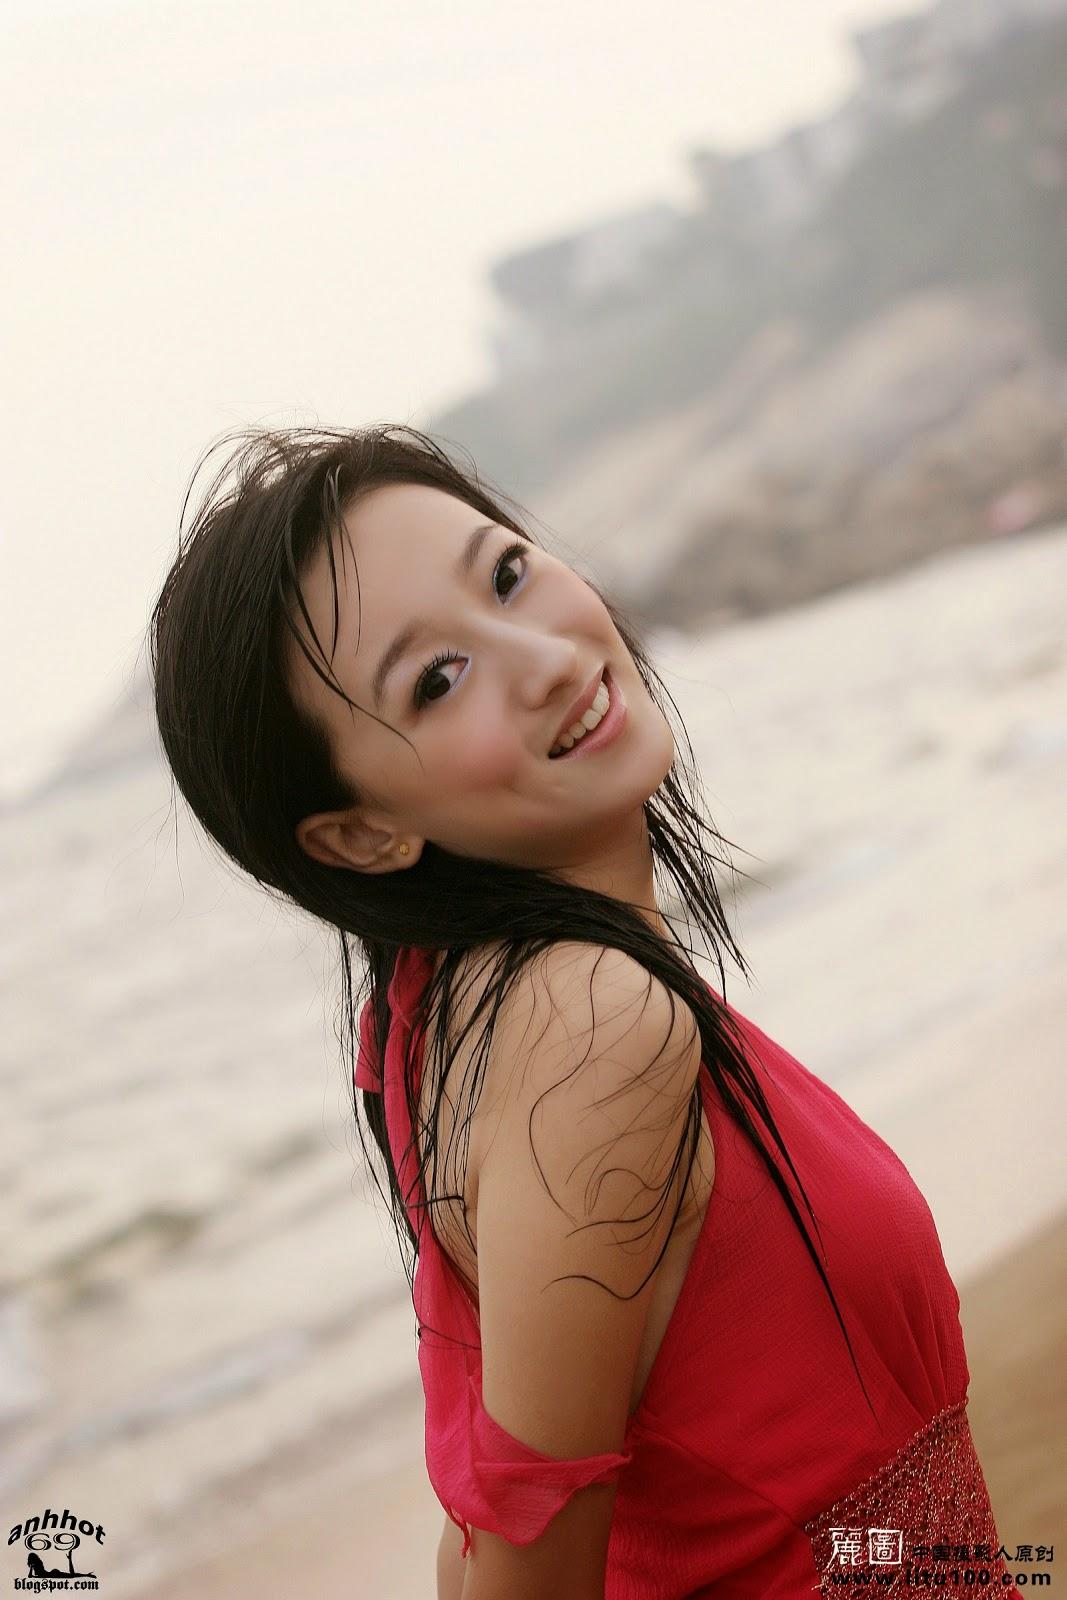 litu-200600819-zhang-tian-yi-sea_IMG_7156